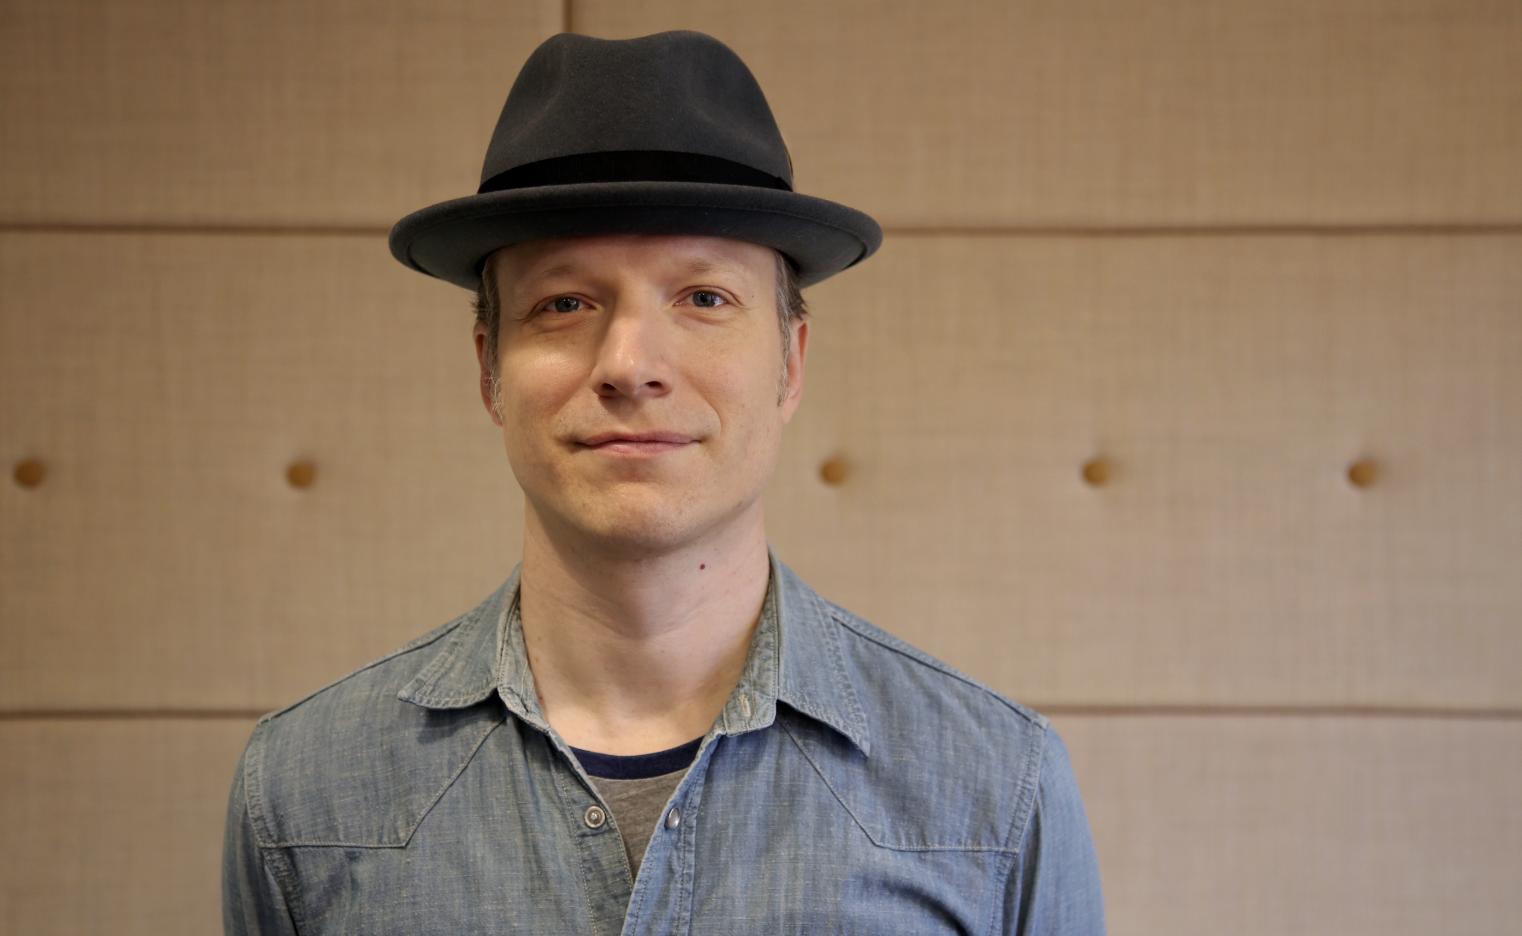 Markus Nordenstreng jatkaa Suomen Musiikintekijöiden varapuheenjohtajana